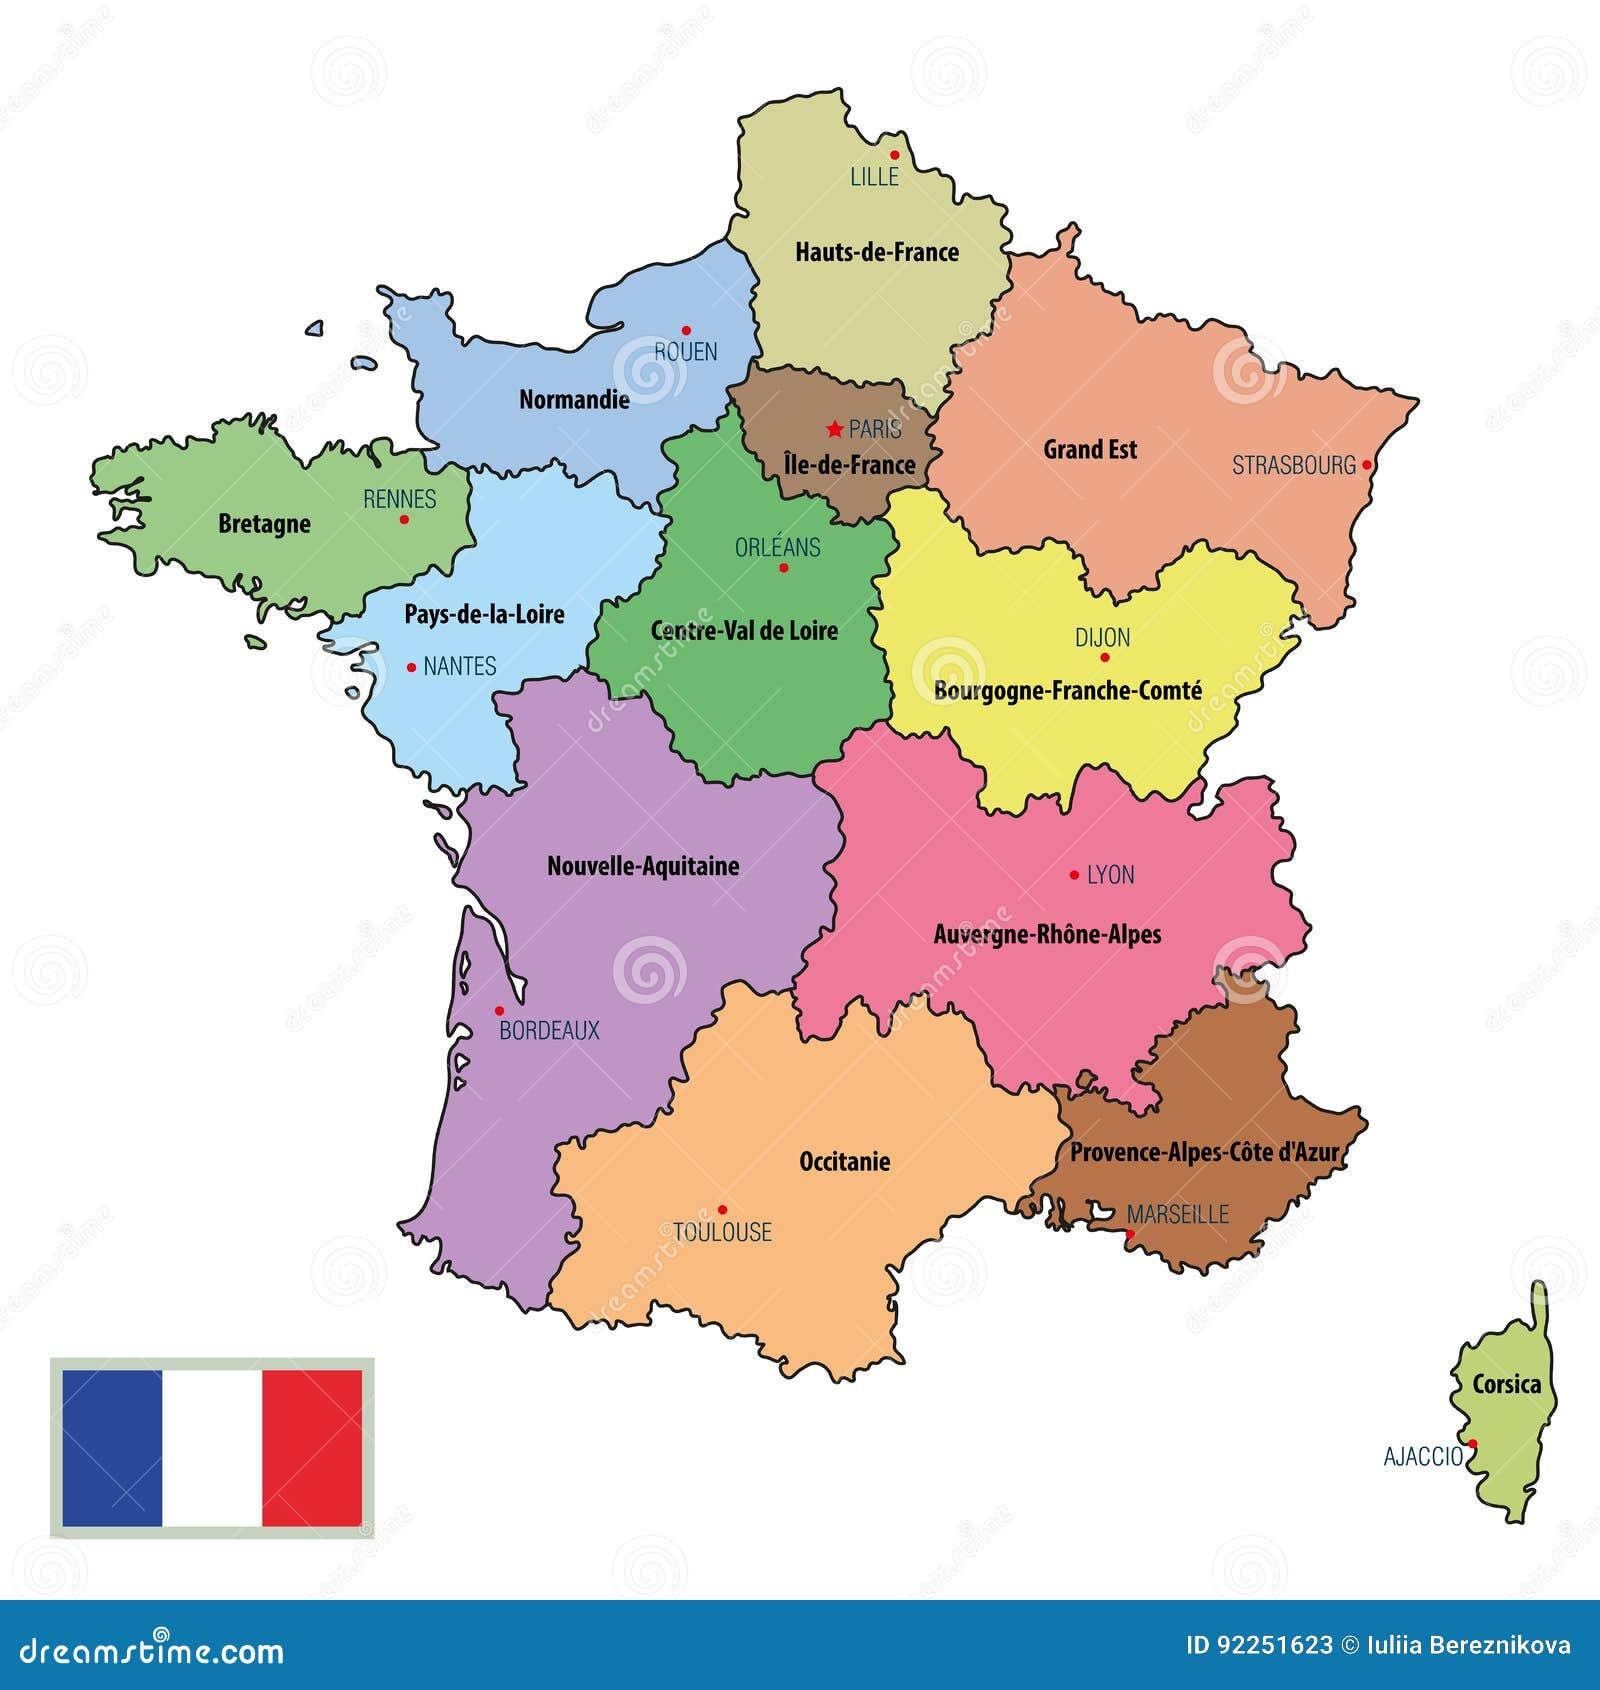 La Cartina Della Francia Politica.Mappa Della Francia Con Le Regioni E Le Loro Capitali